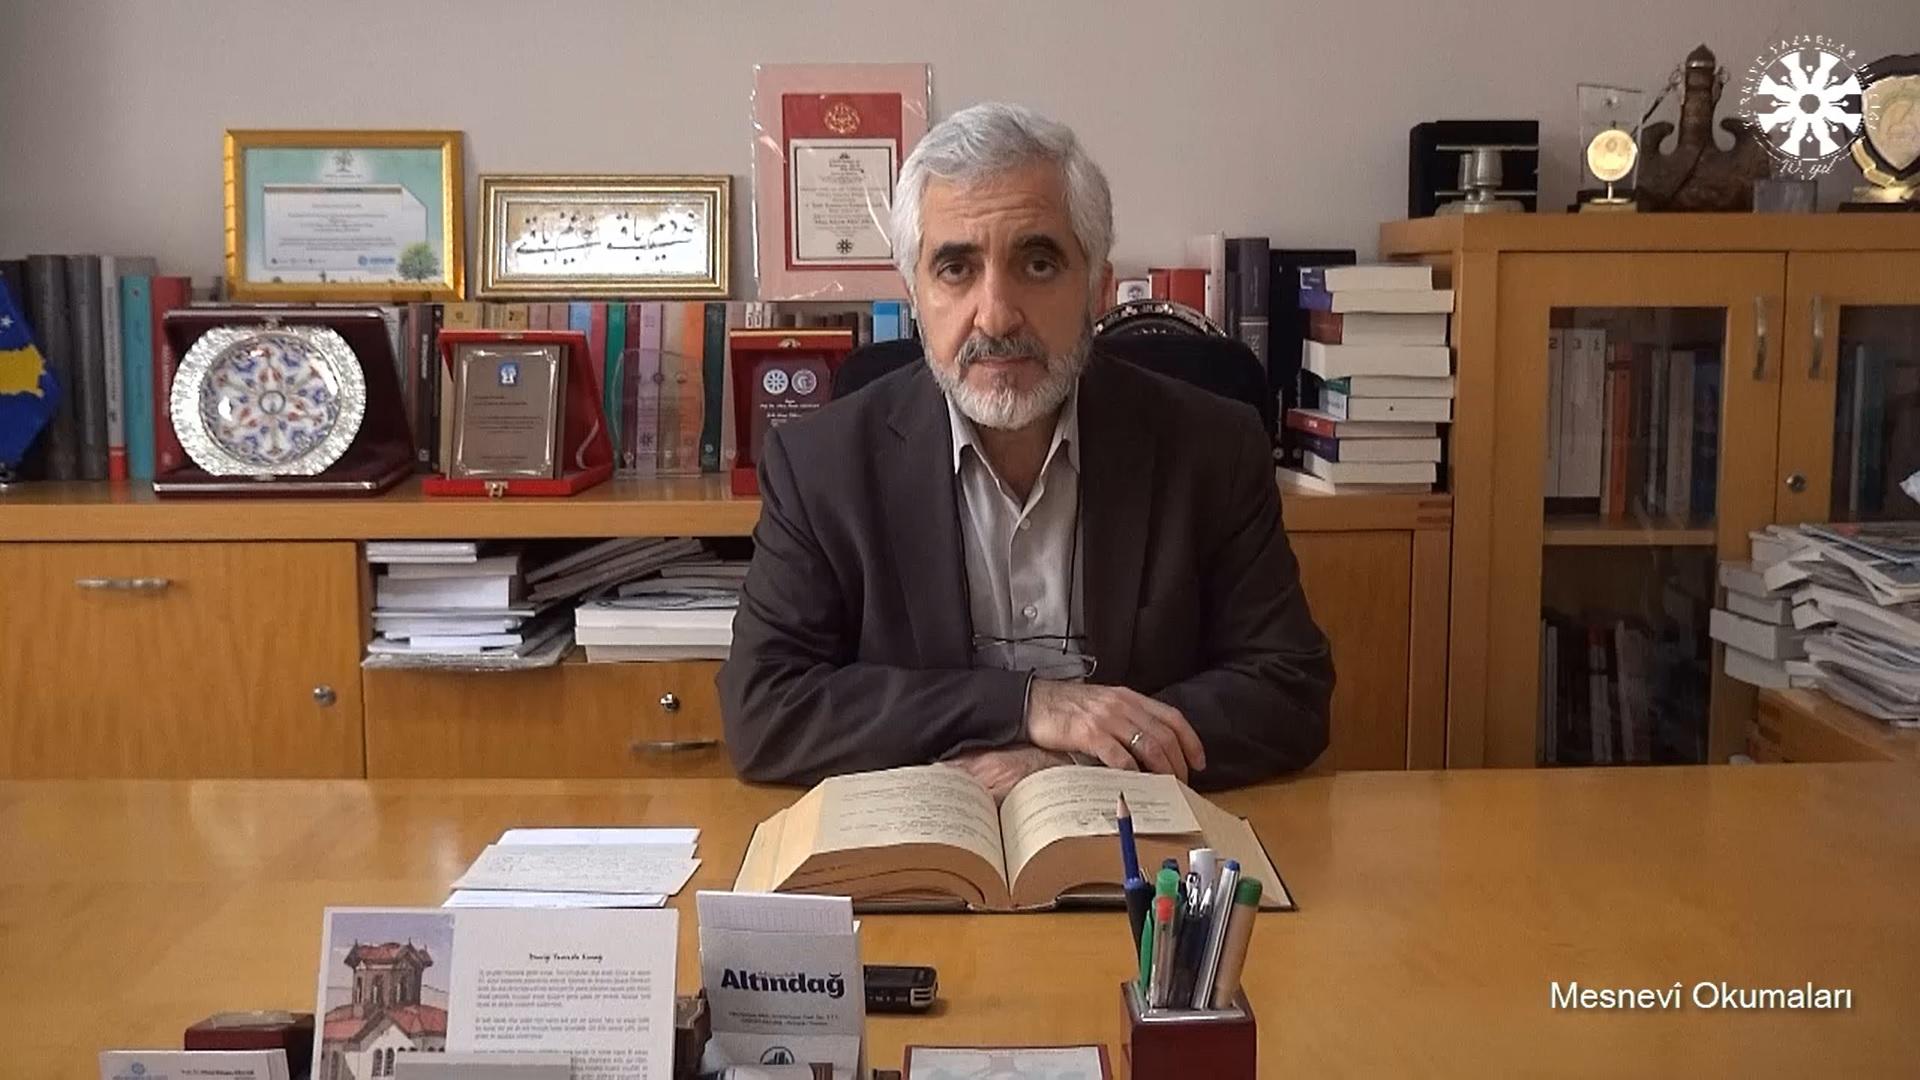 Mesnevî Okumaları -91- Prof. Dr. Zülfikar Güngör